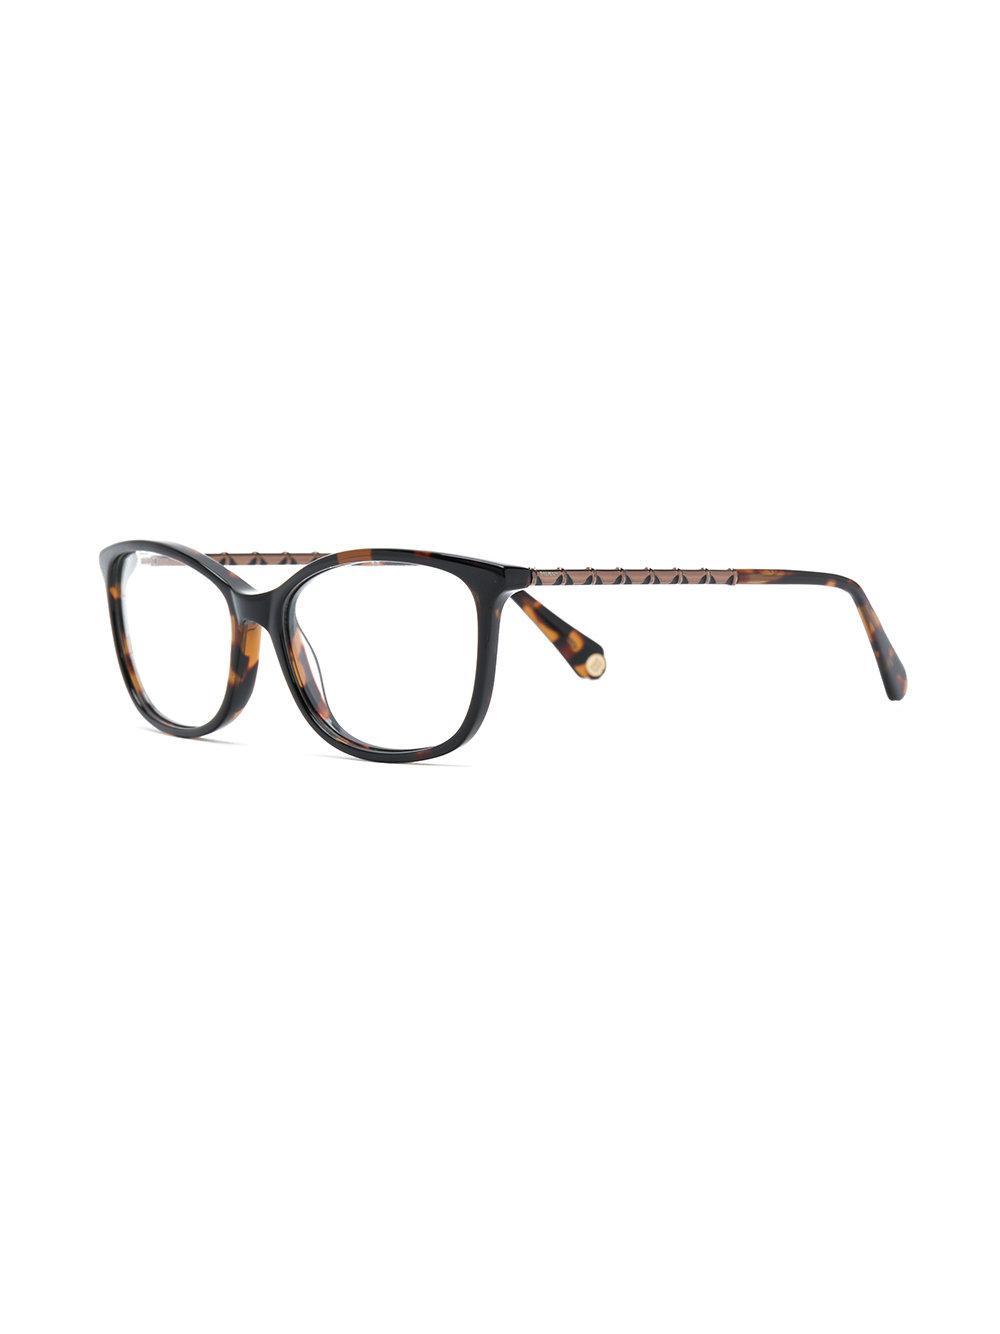 f9cf5c6f6f2 Balmain Tortoiseshell Effect Eye Glasses in Brown - Lyst